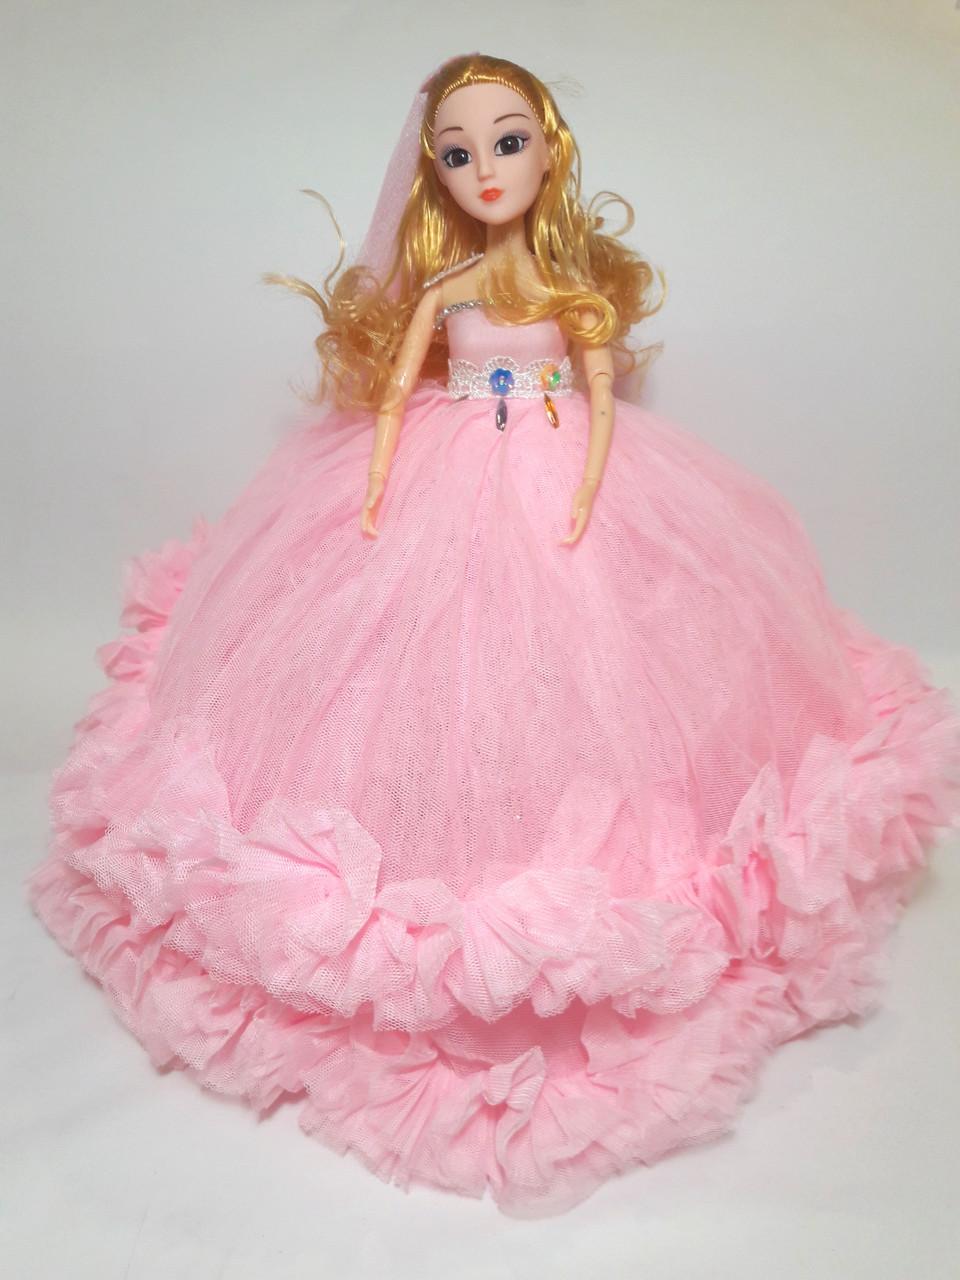 Кукла в стиле Барби в розовом платье